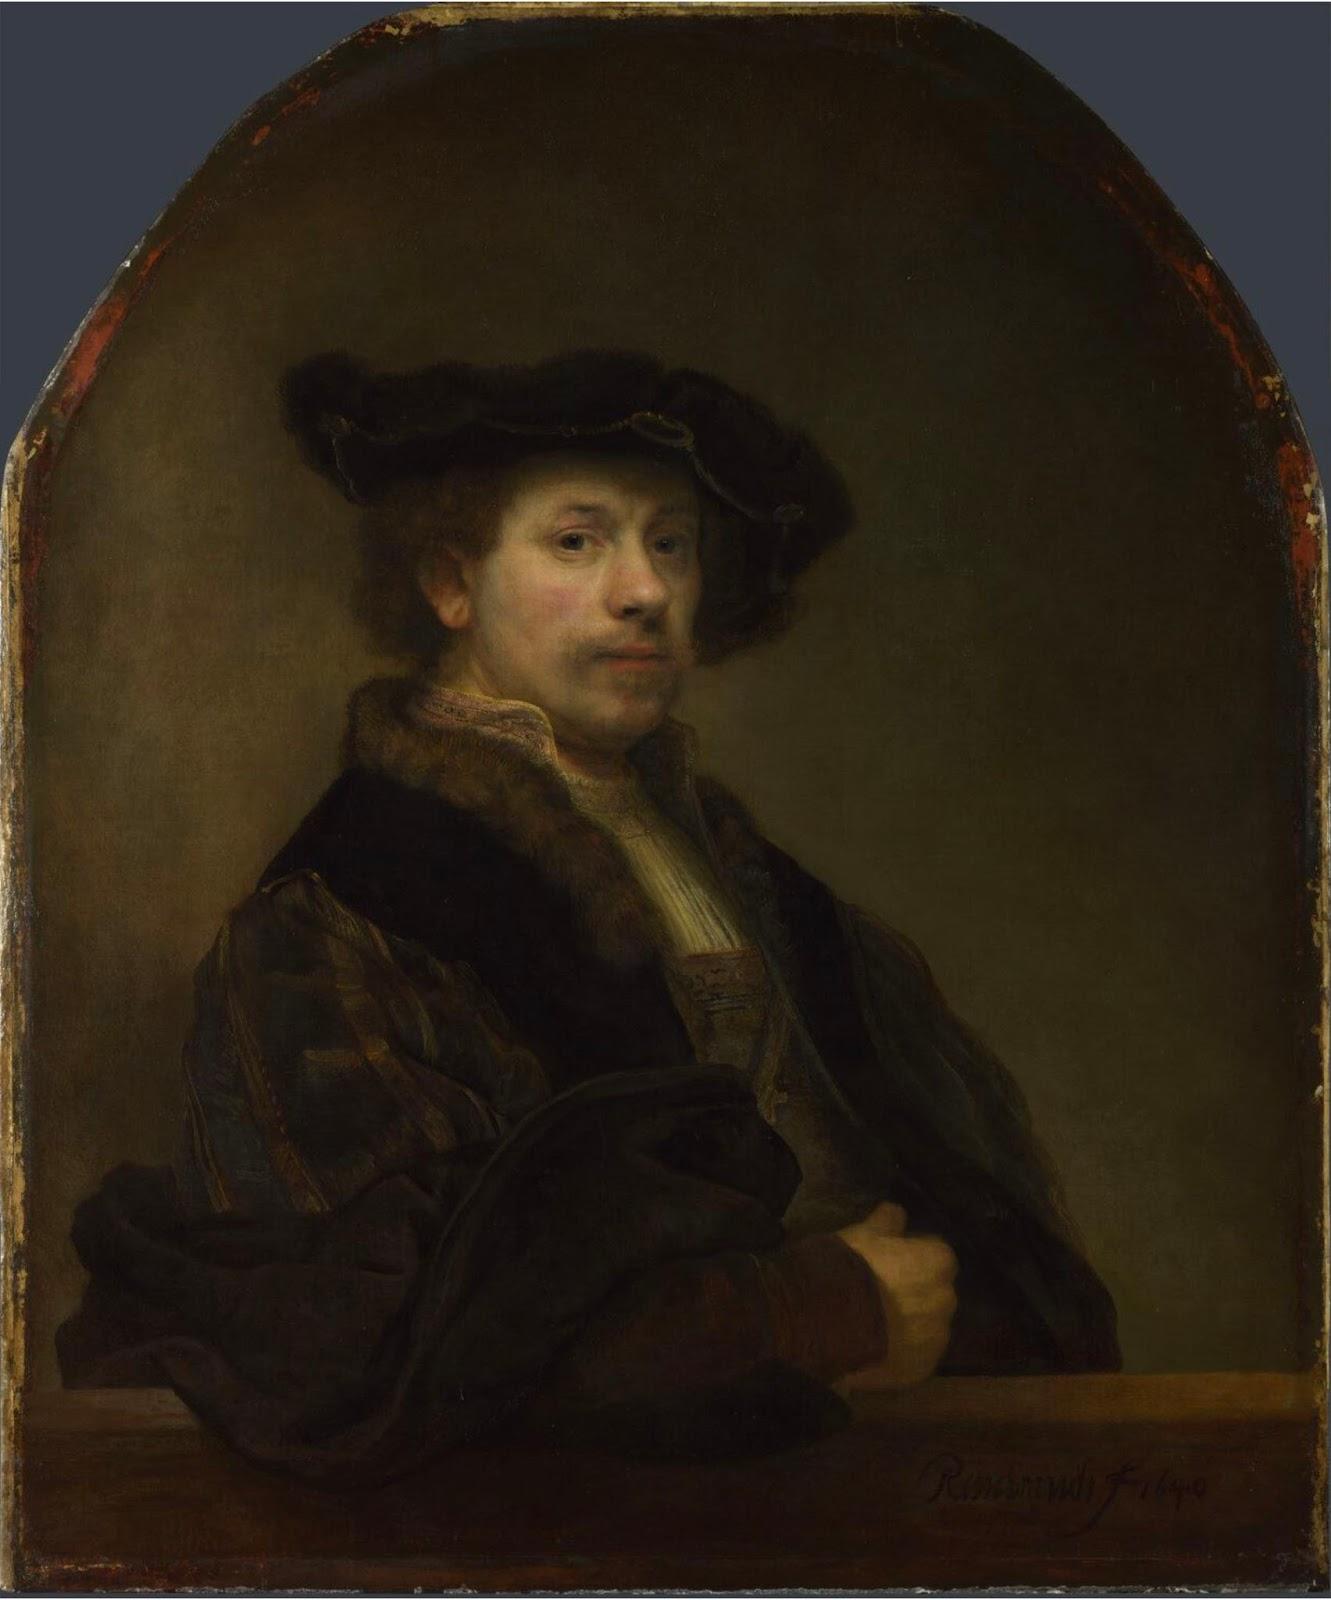 """Описание картины """"Автопортрет в возрасте тридцати четырех лет"""" Рембрандта"""